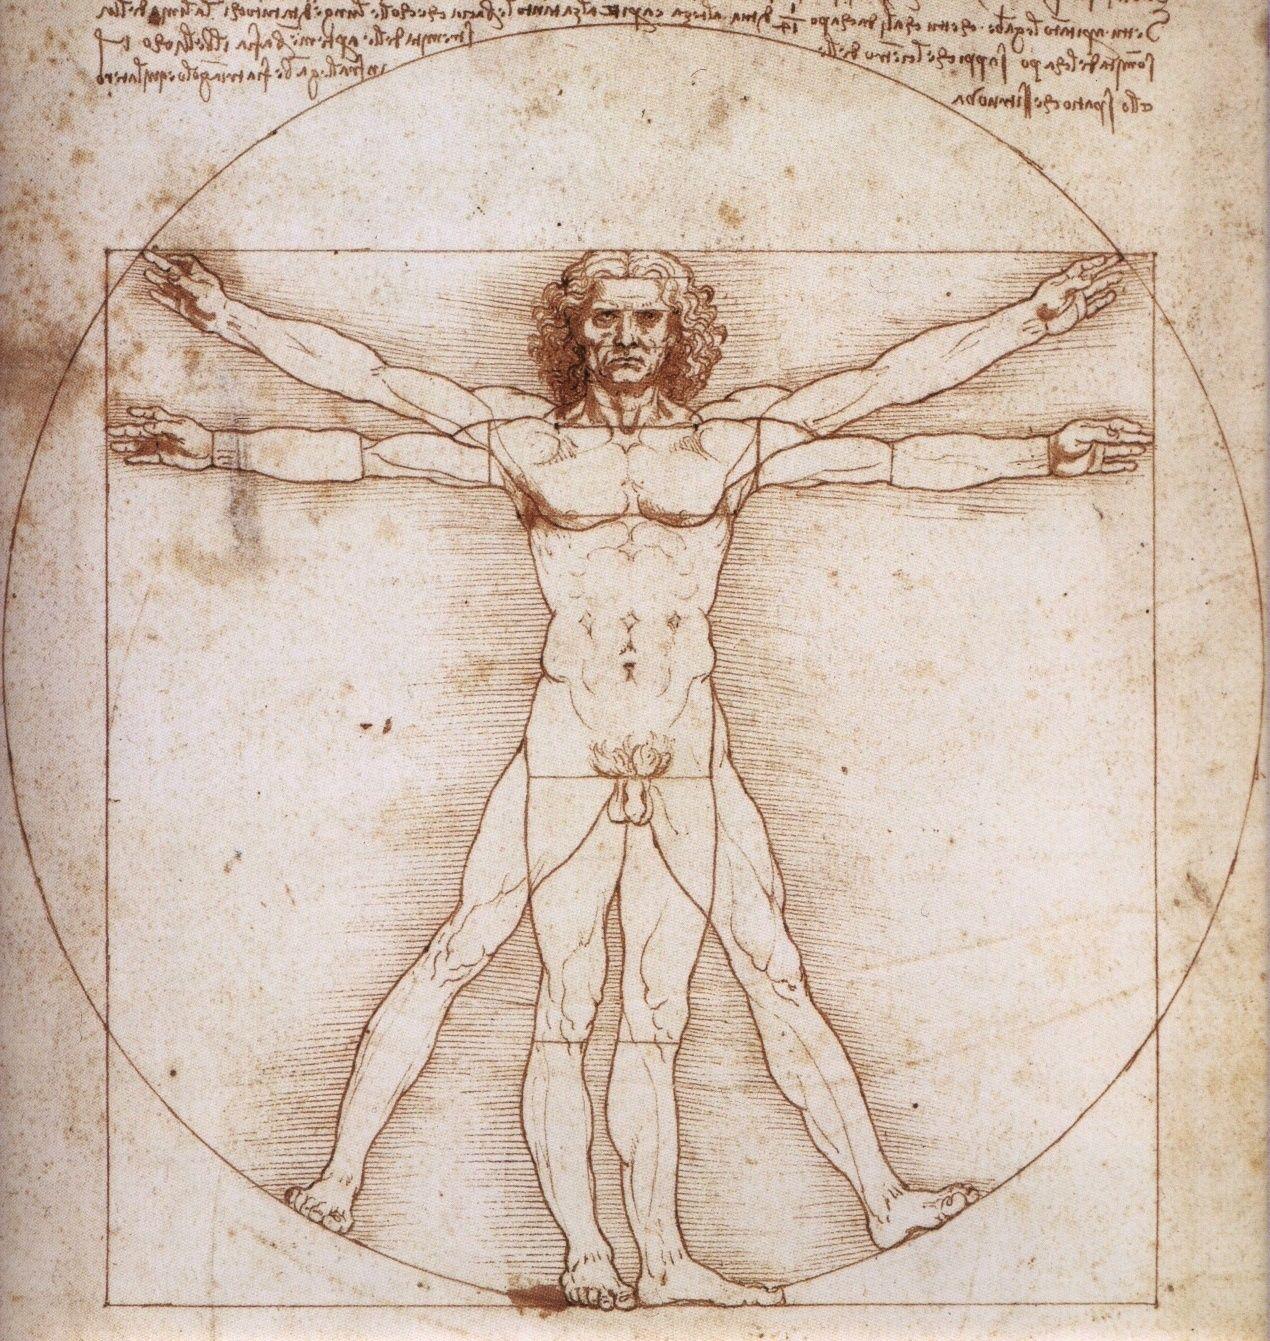 Leonardo Da Vinci Dibujo El Hombre De Vitrubio En Torno A 1487 Rodeado Por Notas Basadas En Un Libro Del Ar El Hombre De Vitruvio Leonardo Da Vinci Vitrubio